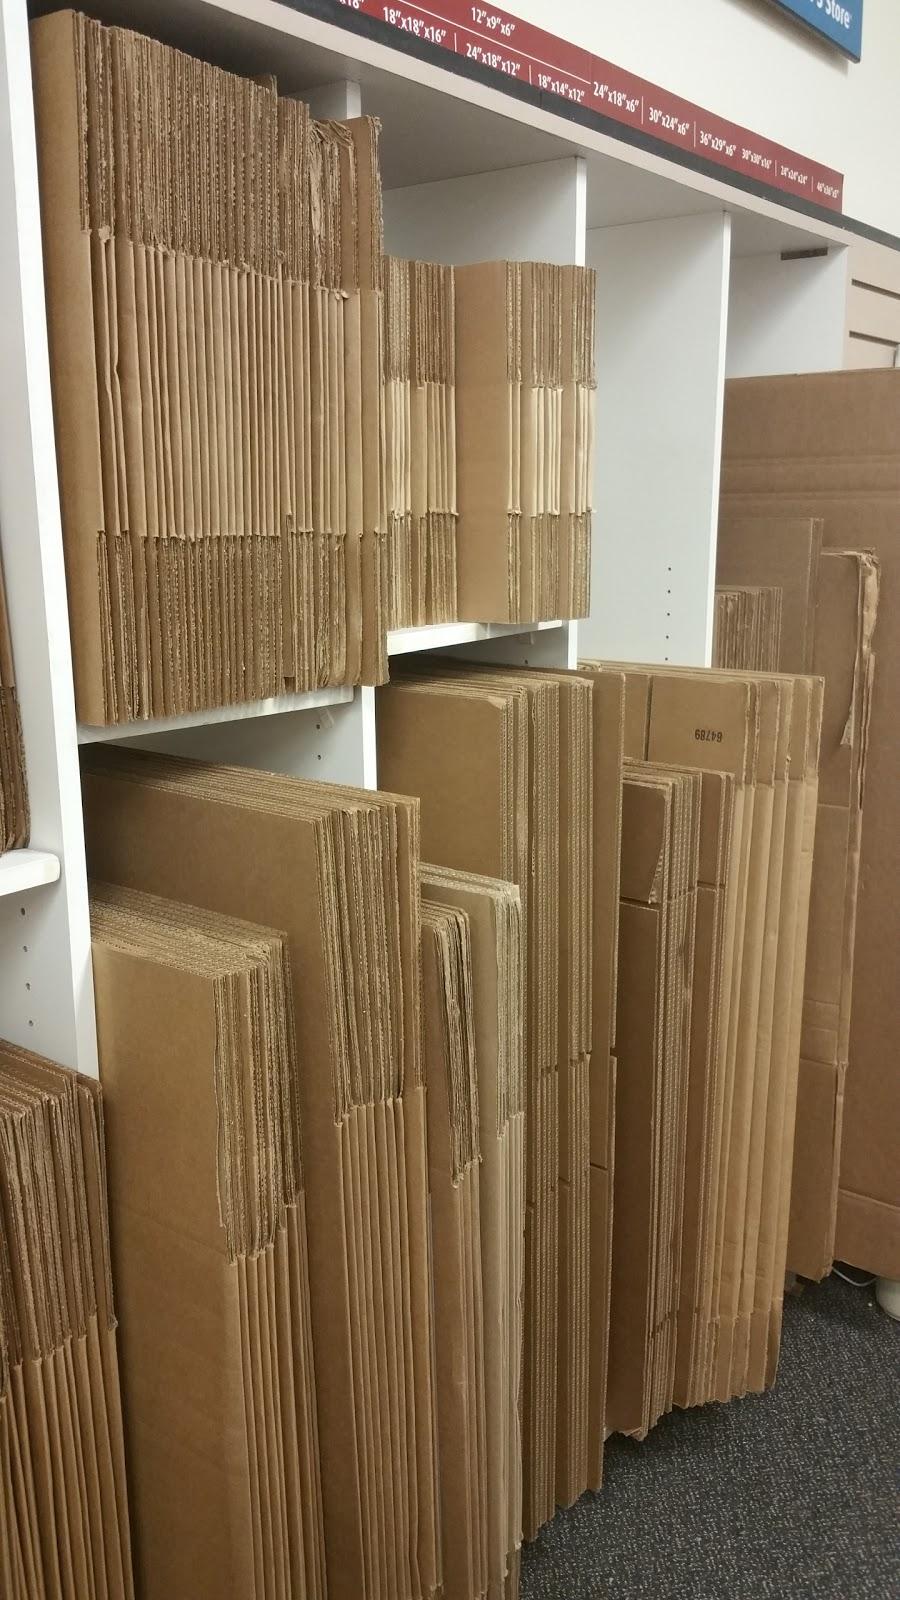 The UPS Store | store | 845 Dakota St #23, Winnipeg, MB R2M 5M3, Canada | 2042557060 OR +1 204-255-7060